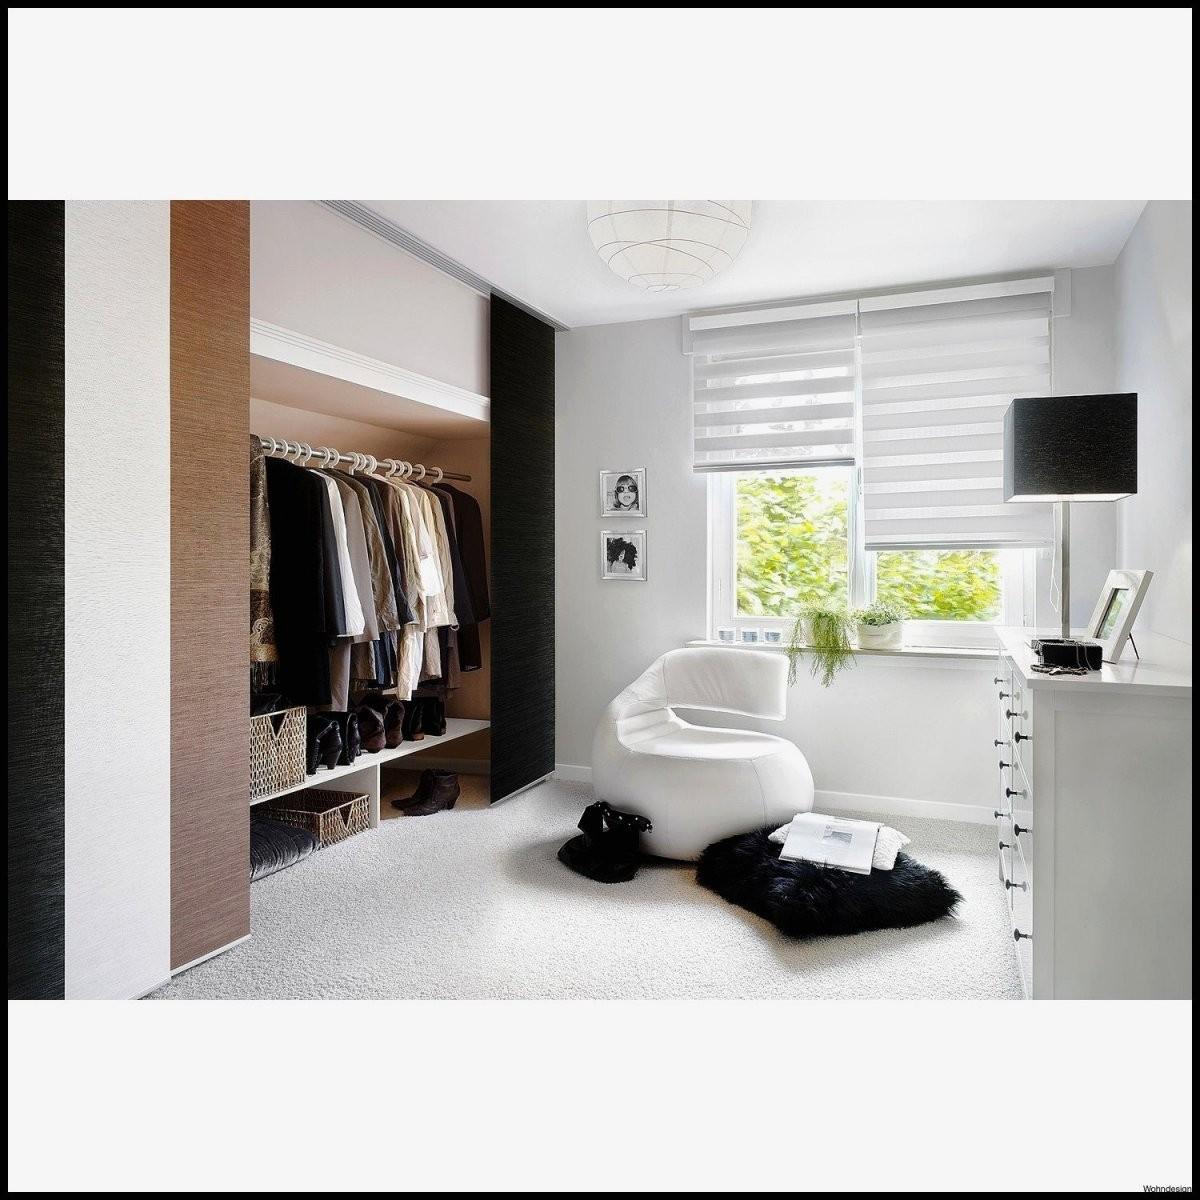 Schöner Wohnen Farben Komfort Fliesen Wohnzimmer Schöner Wohnen  25 von Gardinen Wohnzimmer Schöner Wohnen Photo